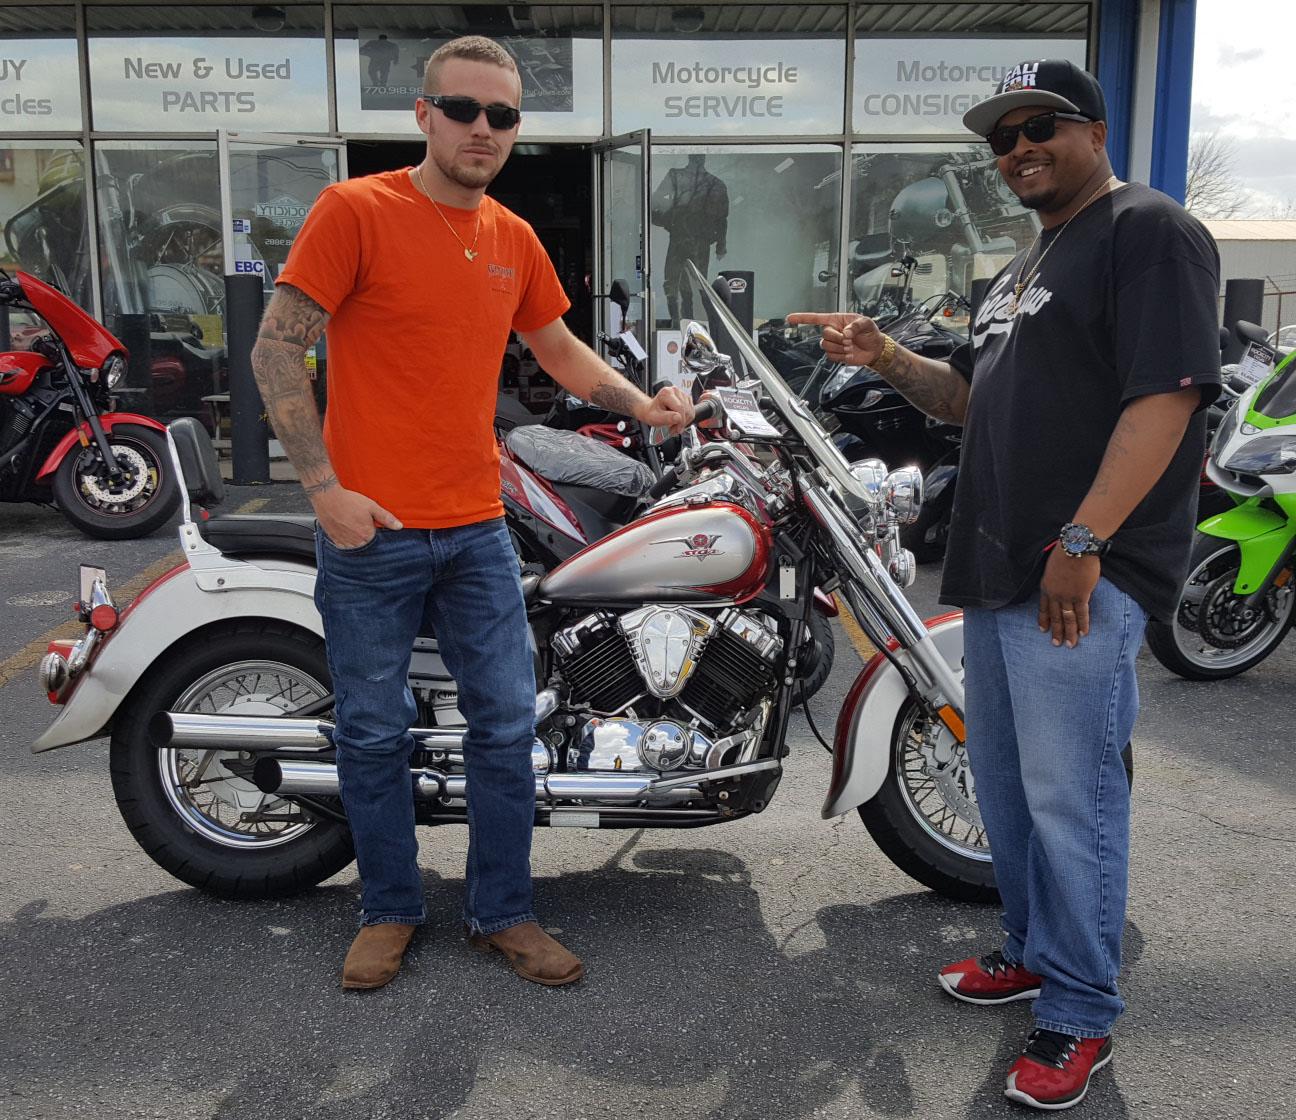 Jordan M. with his 2005 Yamaha XVS650